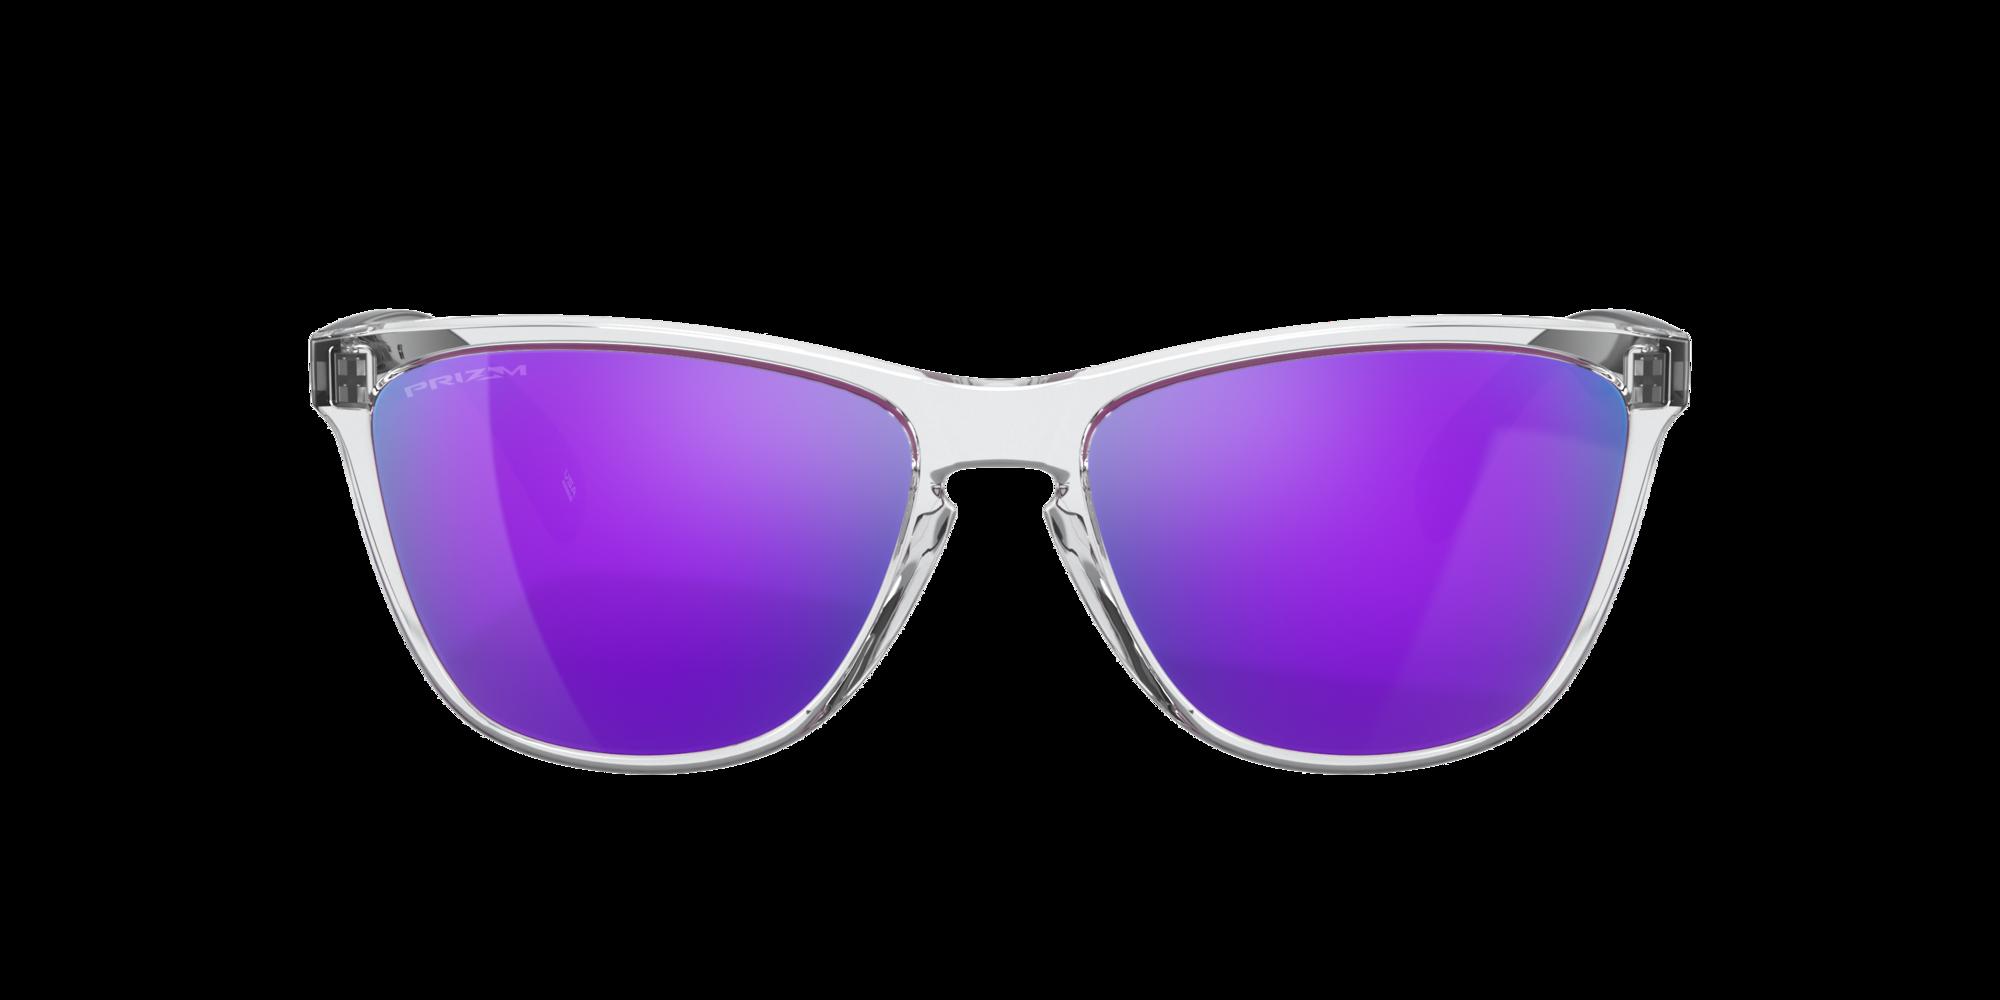 Sunglass Hut Online Store Sunglasses For Women Men Kids